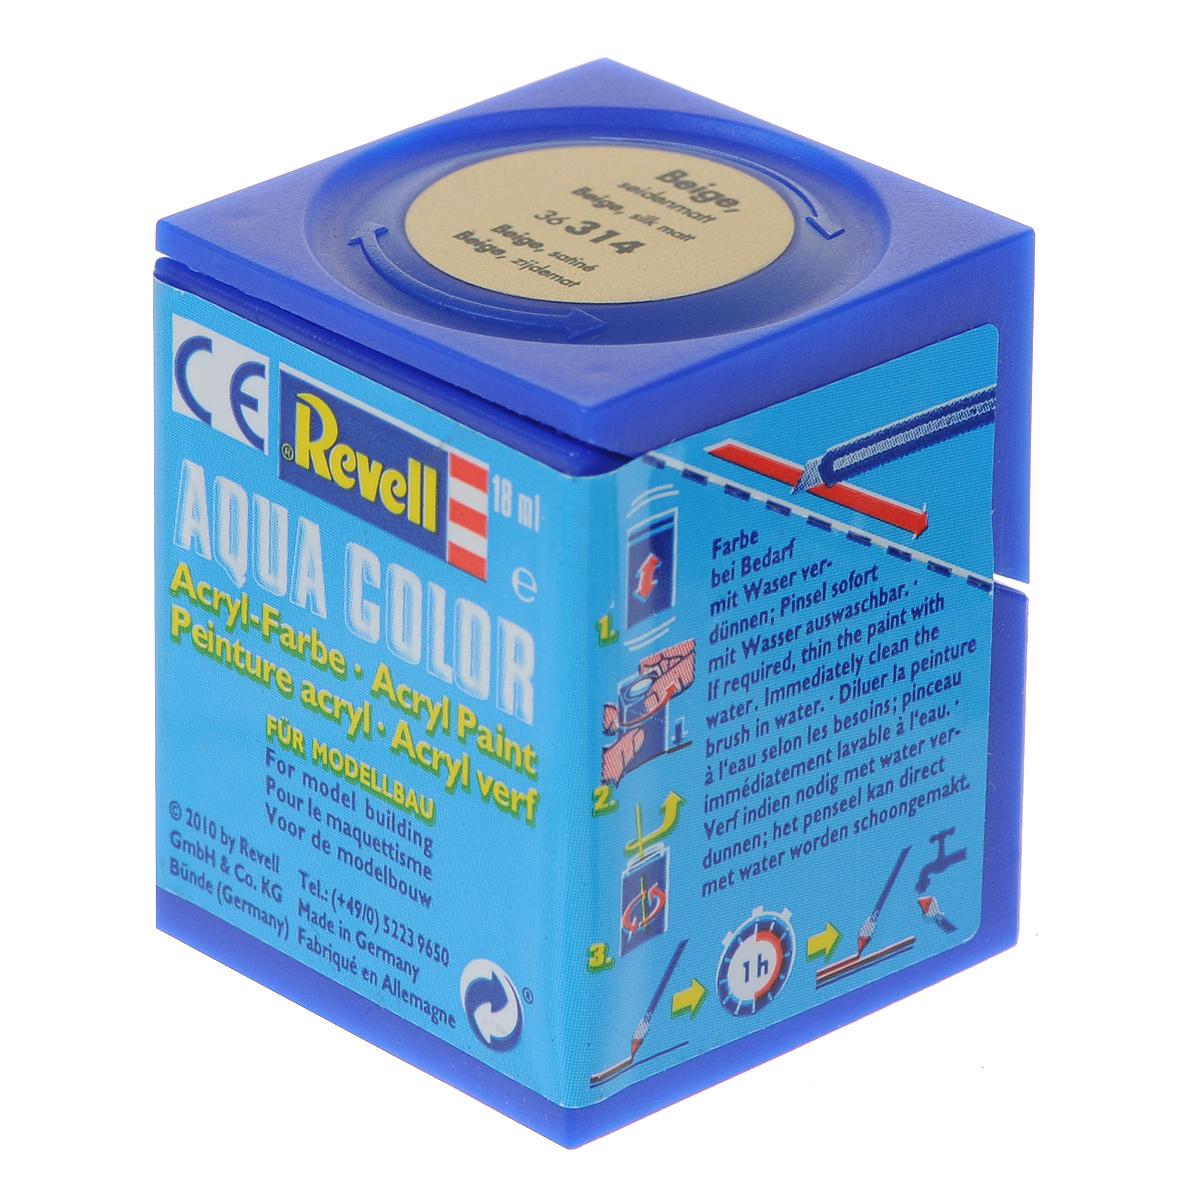 Revell Аква-краска шелково-матовая цвет бежевый 18 мл